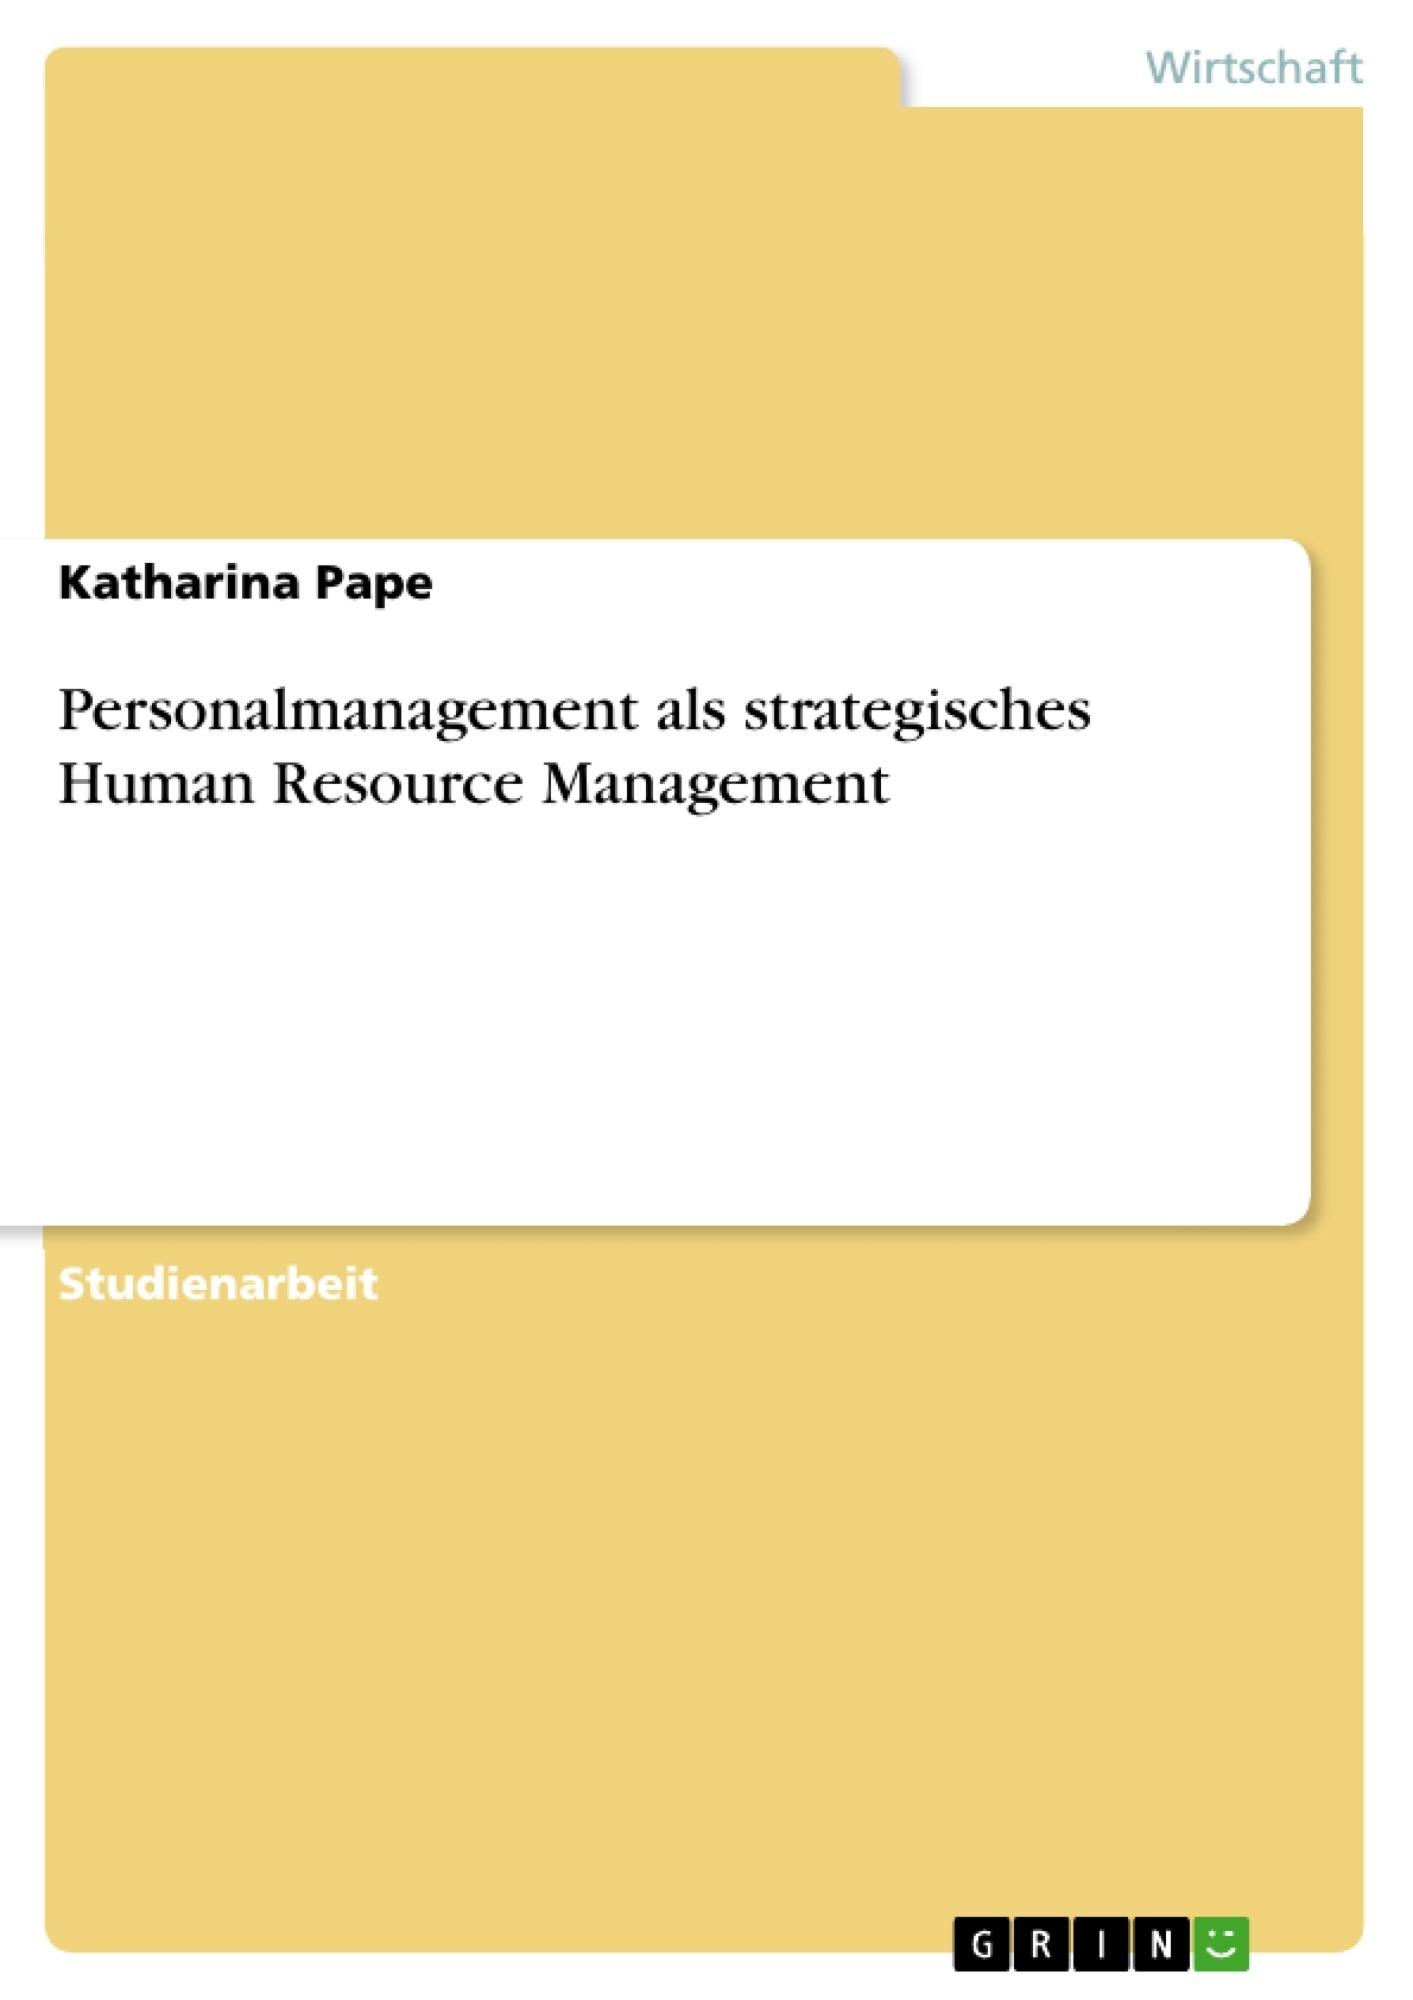 Titel: Personalmanagement als strategisches Human Resource Management